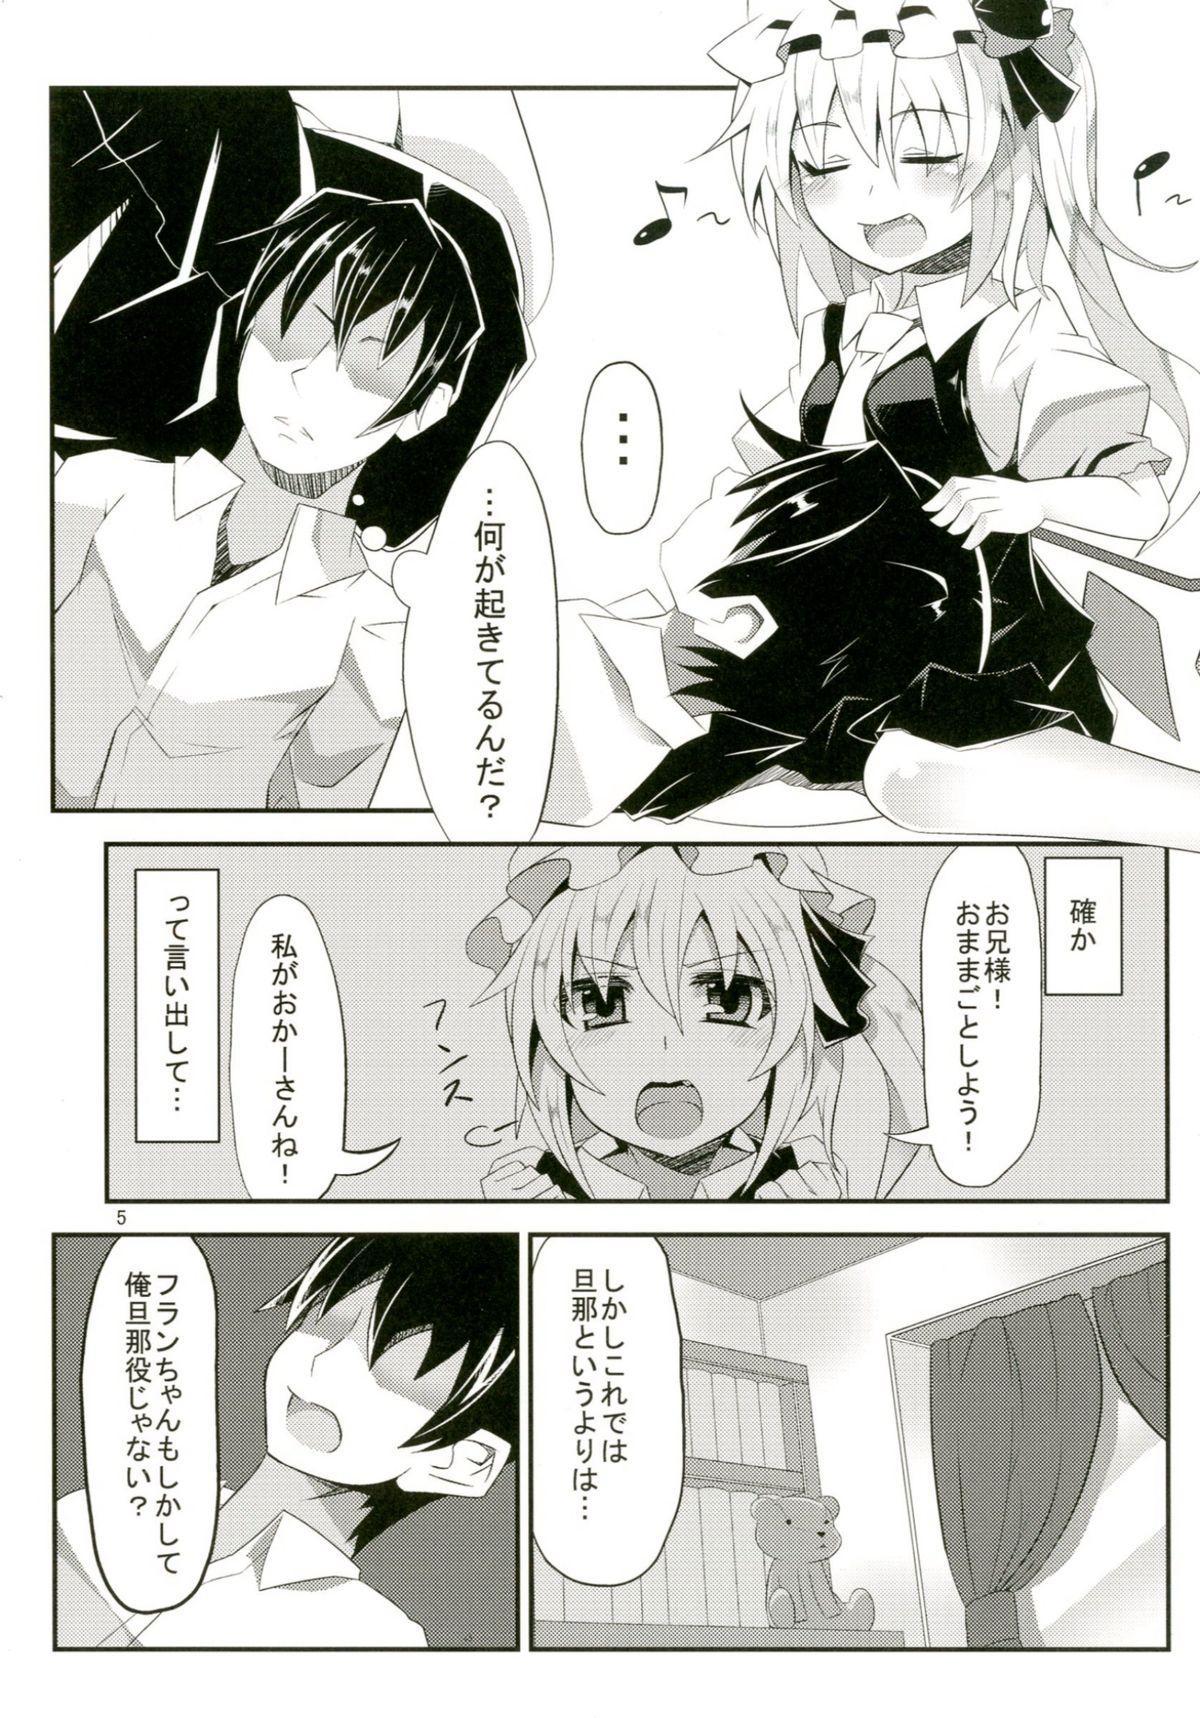 Flan-chan to H na Omamagoto 4